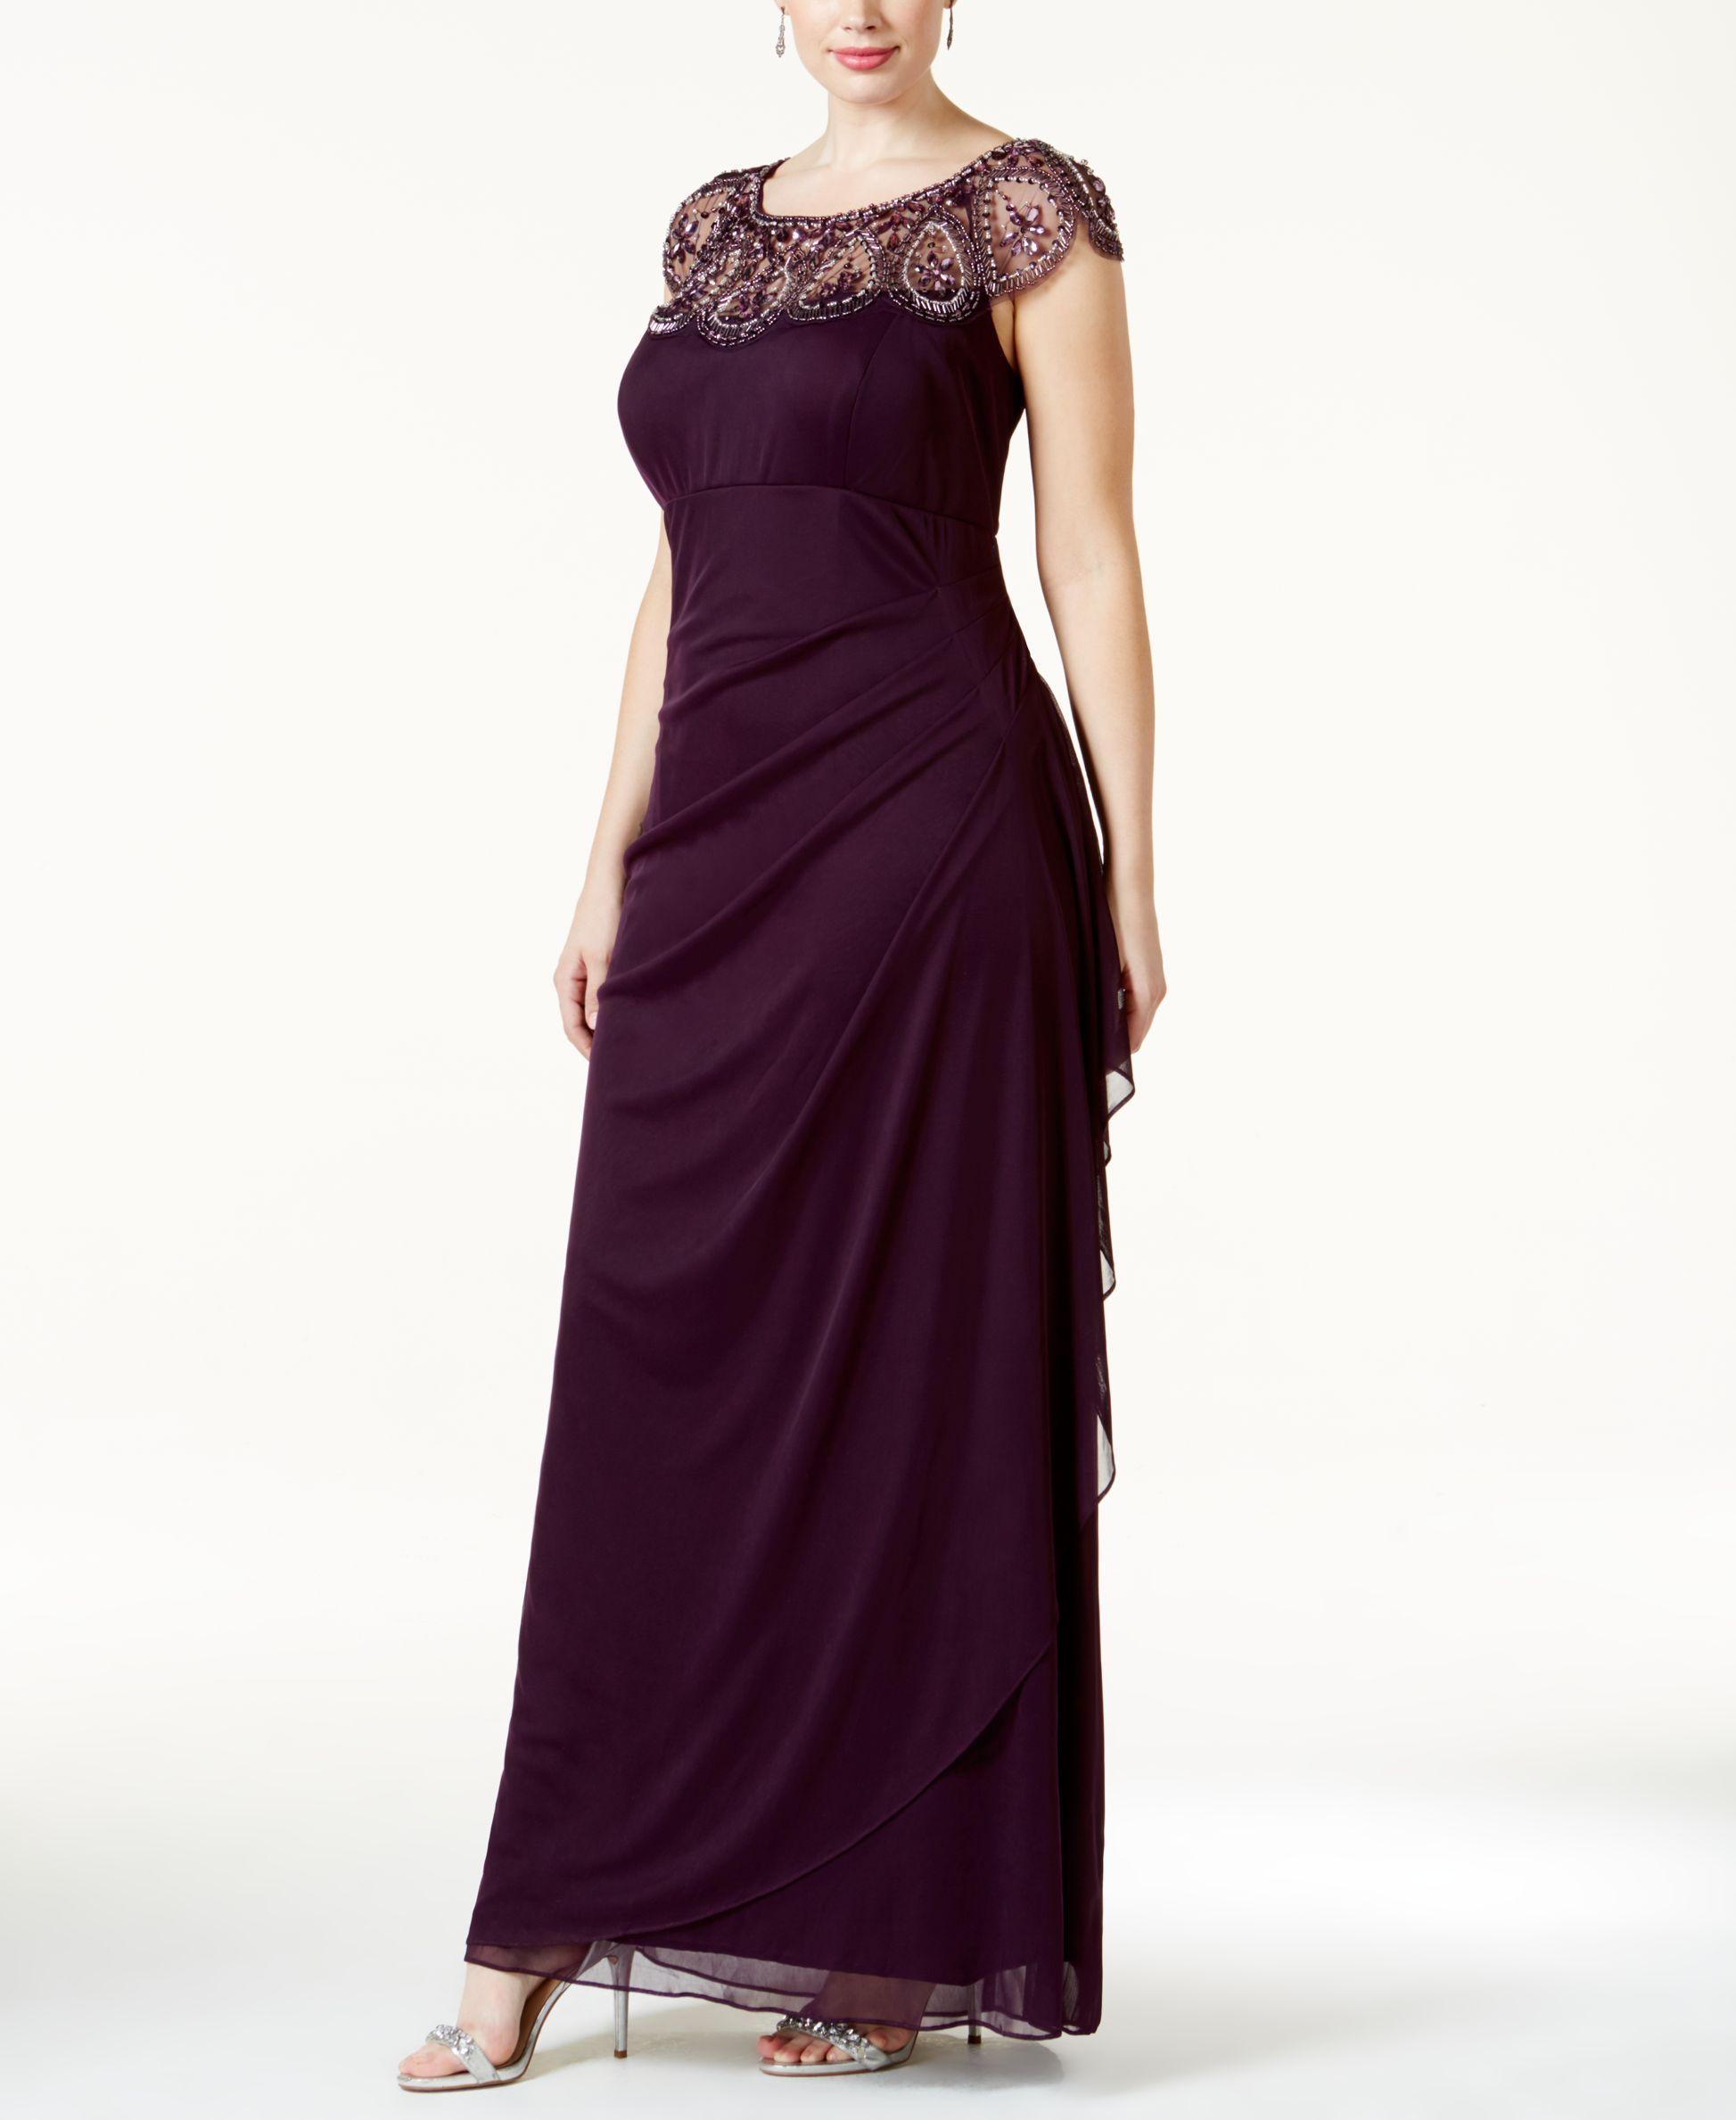 d97504114a0 Xscape Plus Size Illusion Beaded Gown